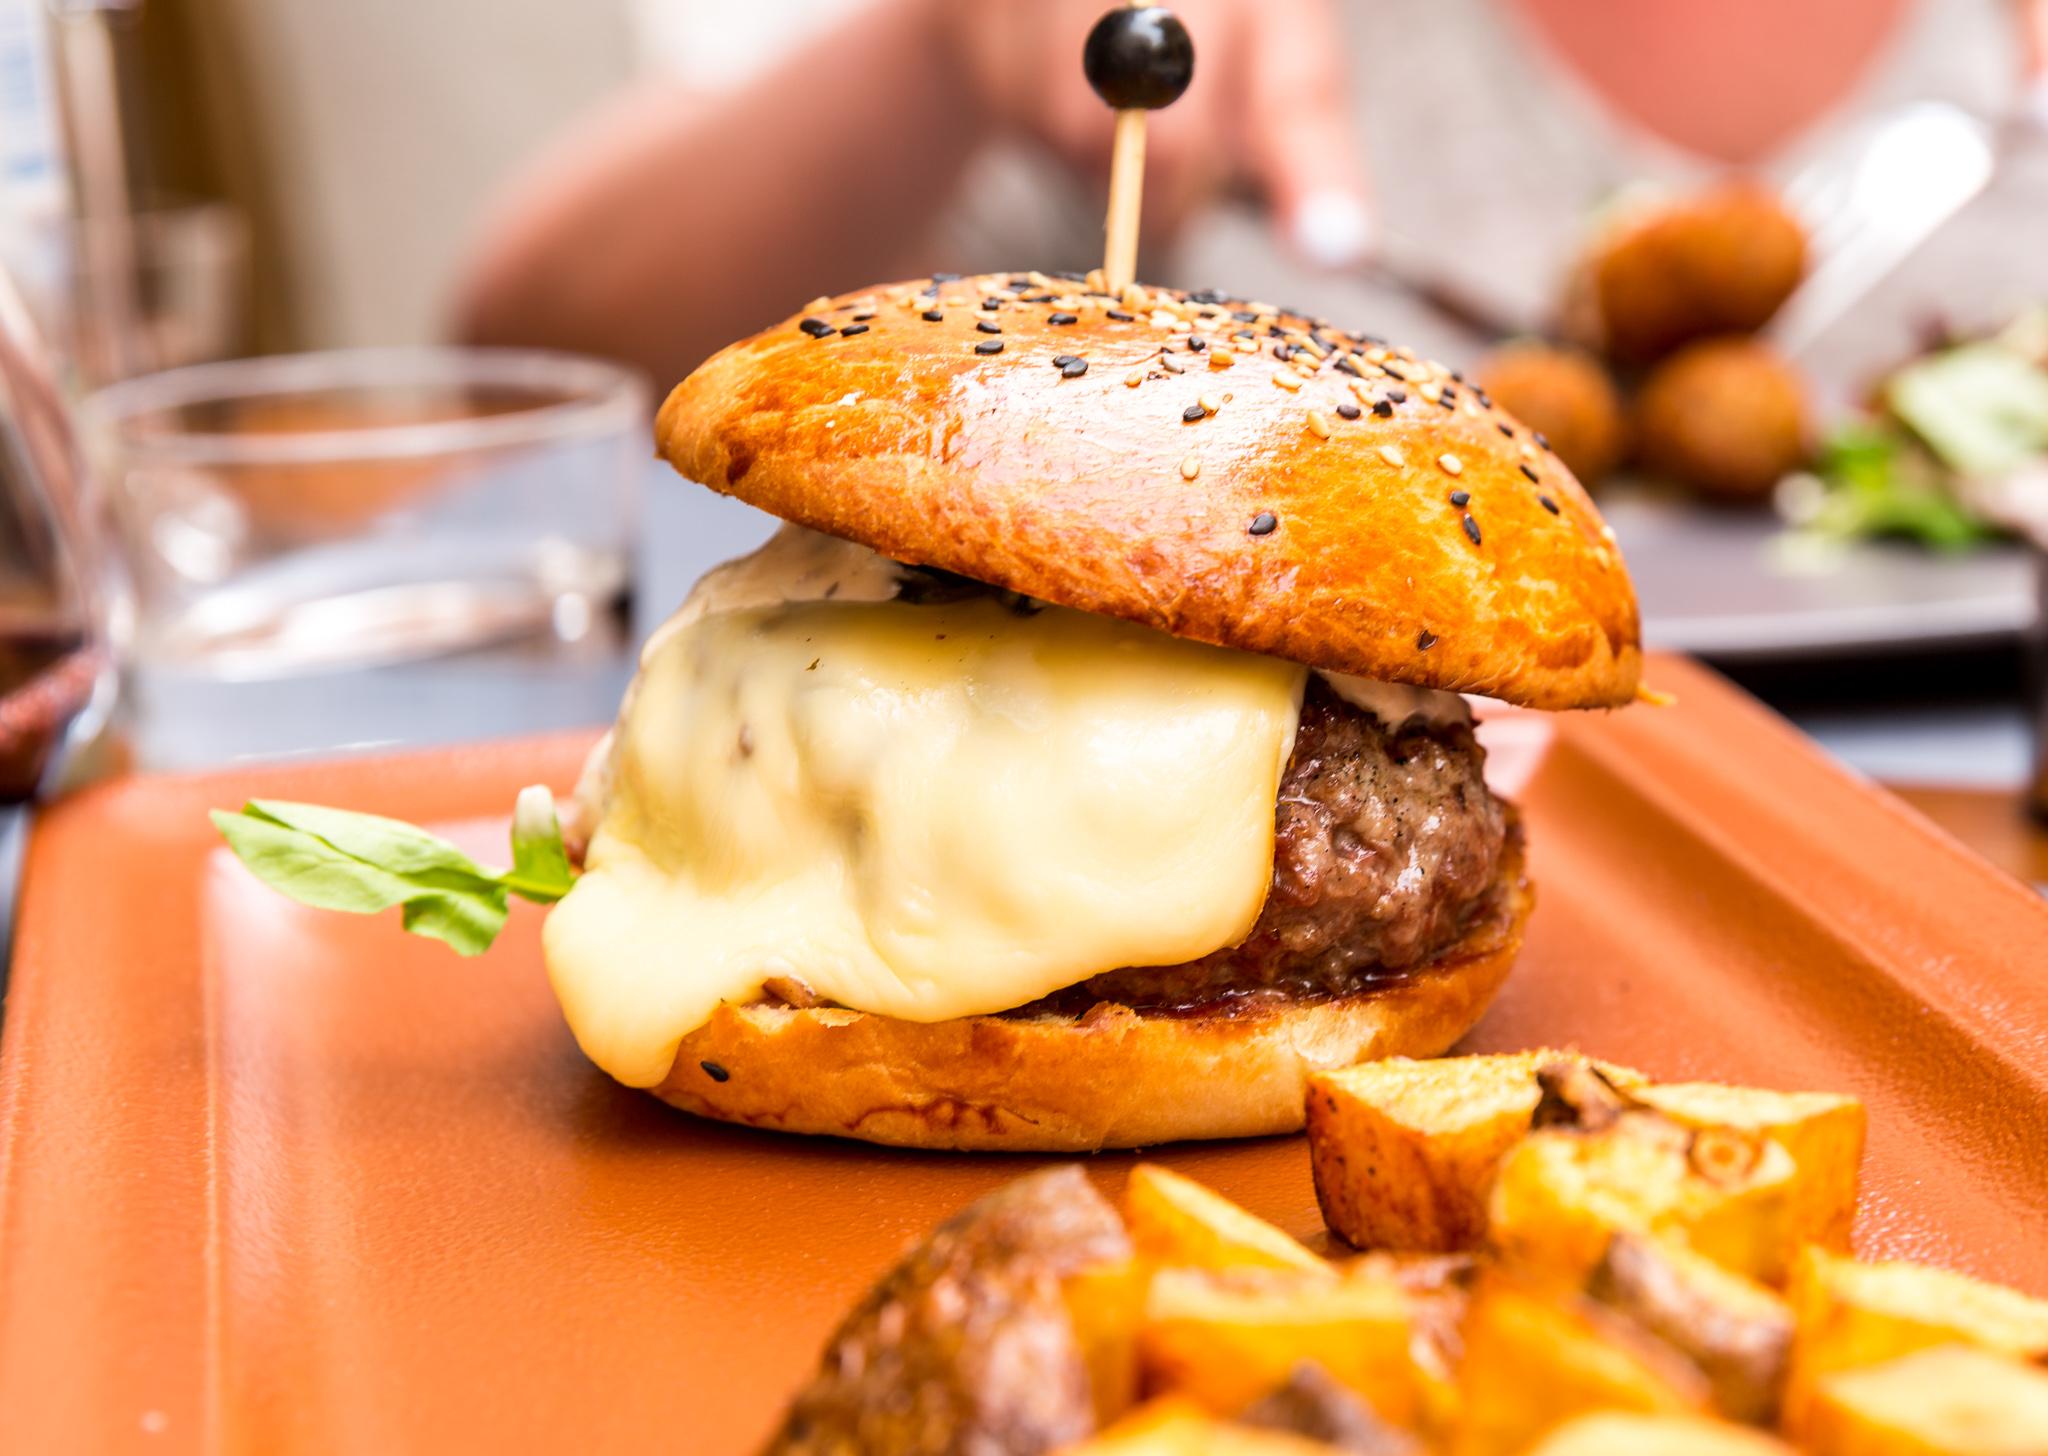 Bokeria Split burger